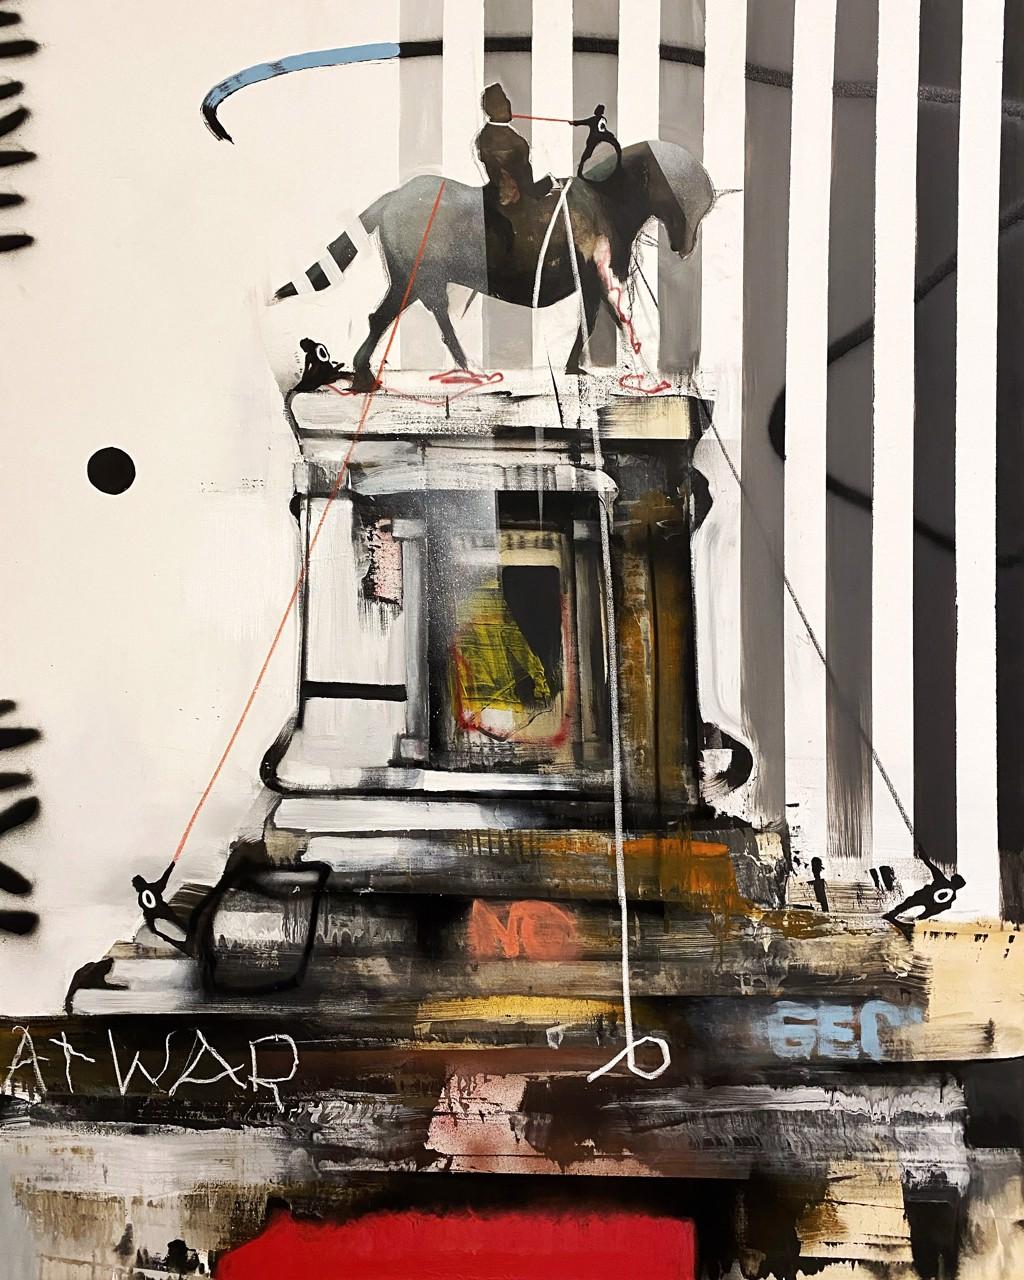 Monument Wars #7 by Marcus Jansen (b. 1968)